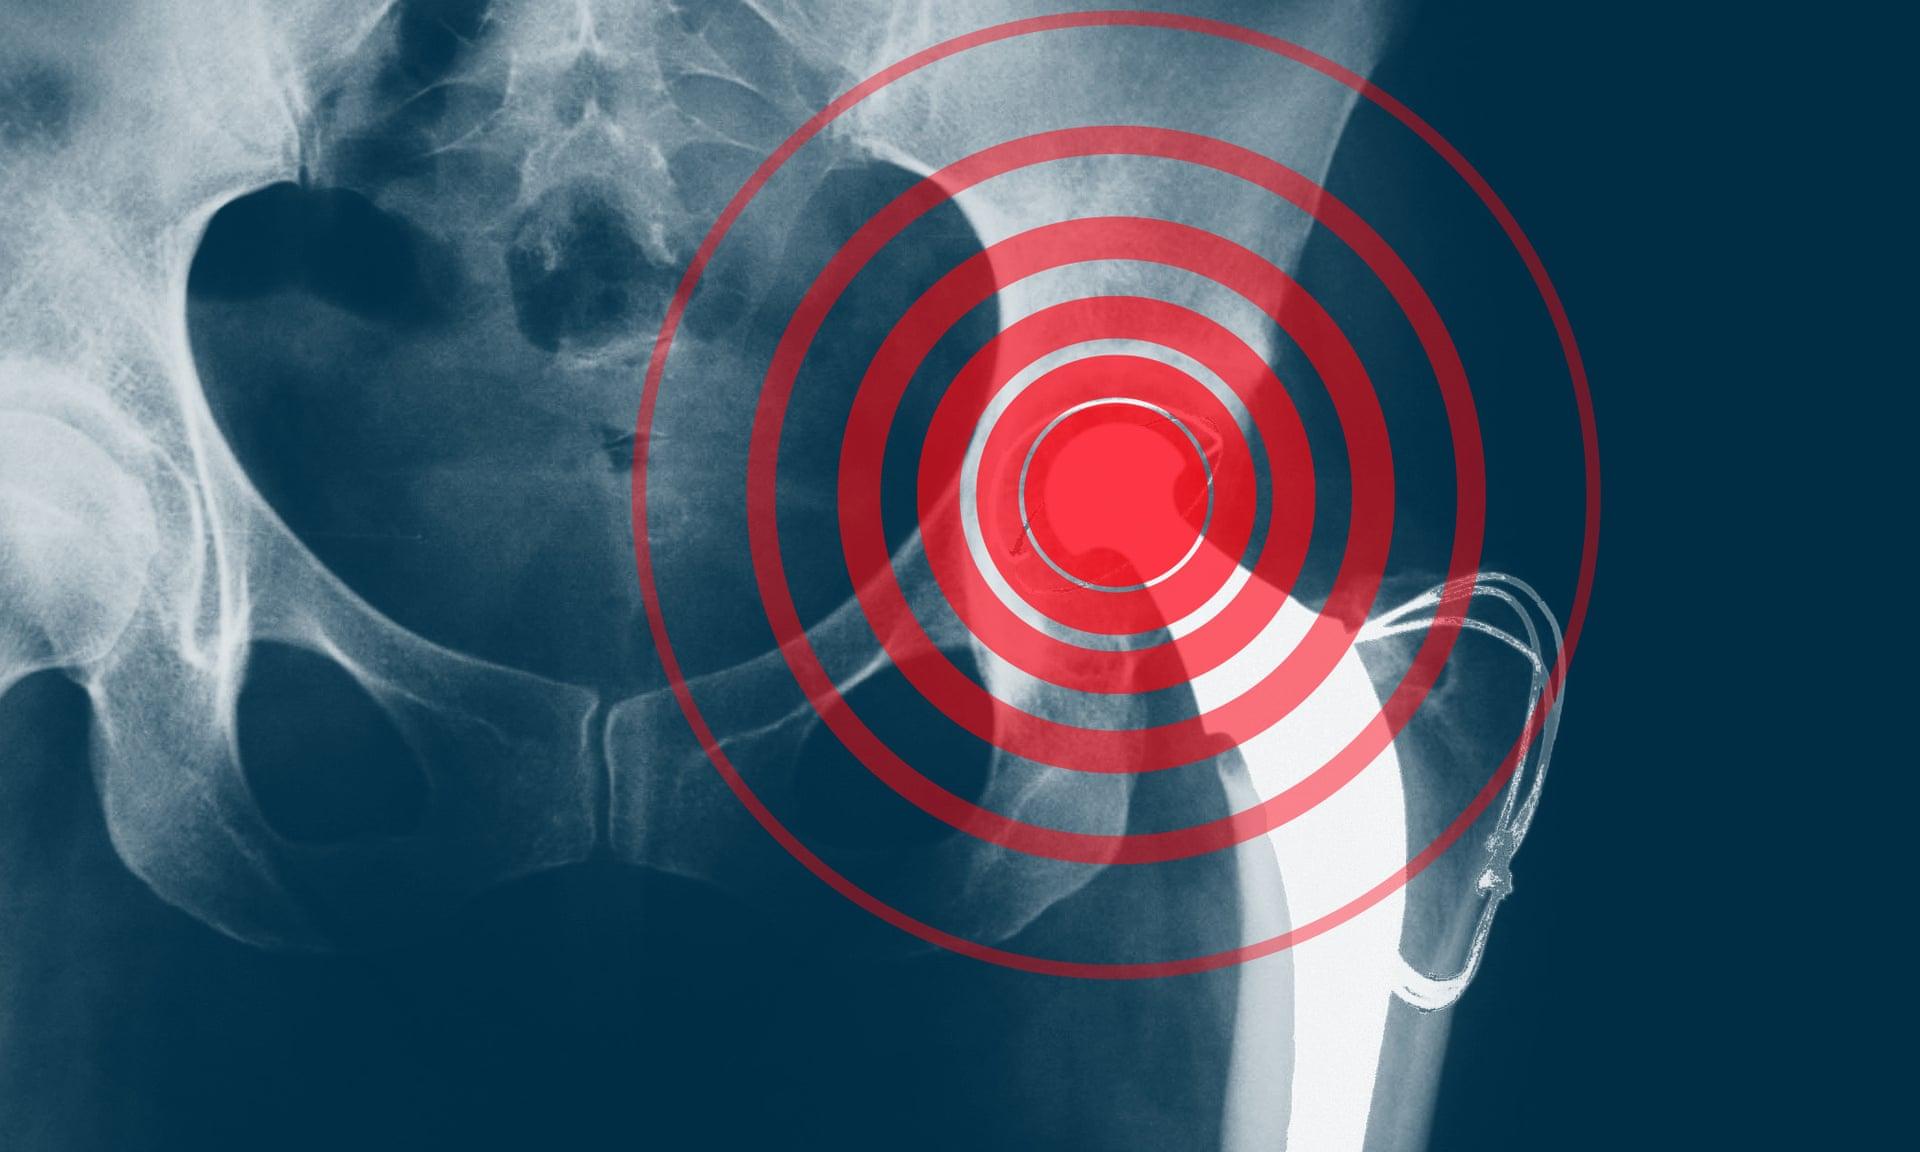 Nhiều trường hợp các thiết bị cấy ghép như khớp háng nhân tạo không được thử nghiệm trước khi đưa ra thị trường